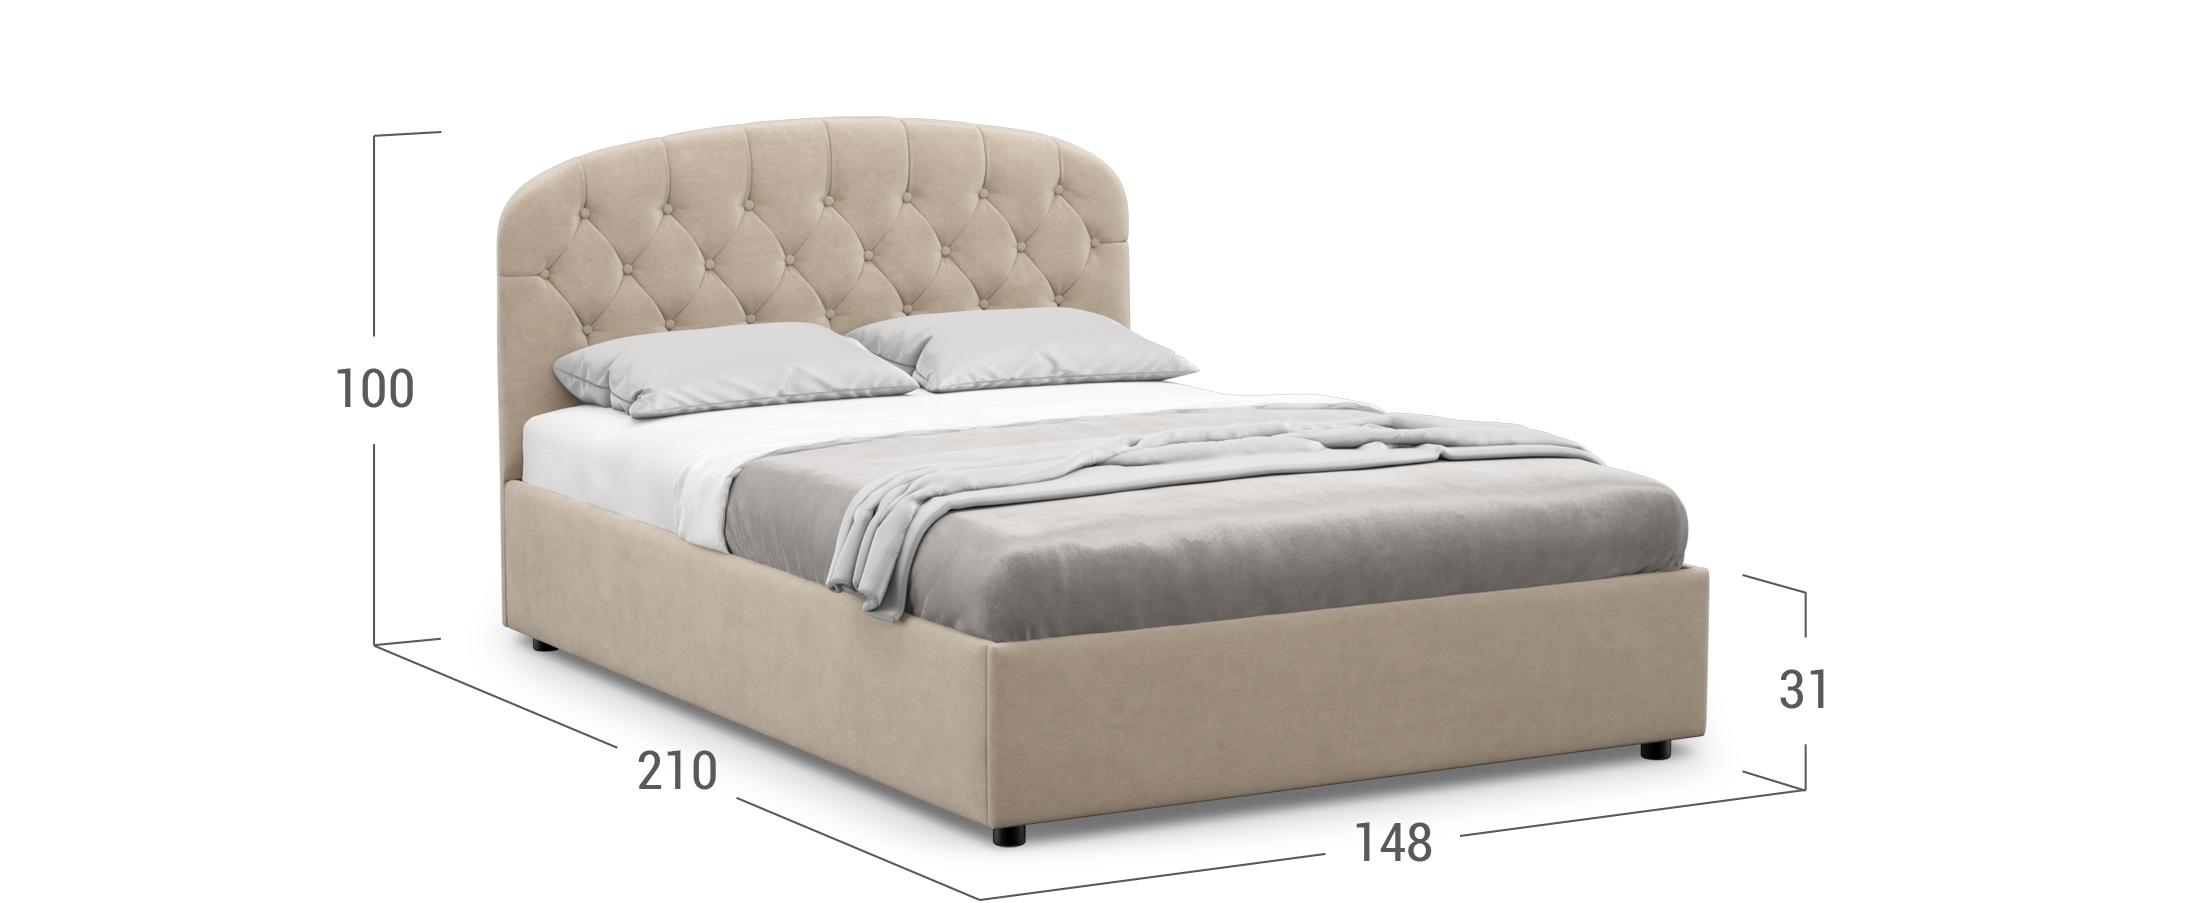 Кровать двуспальная Viana 140х200 Модель 1227